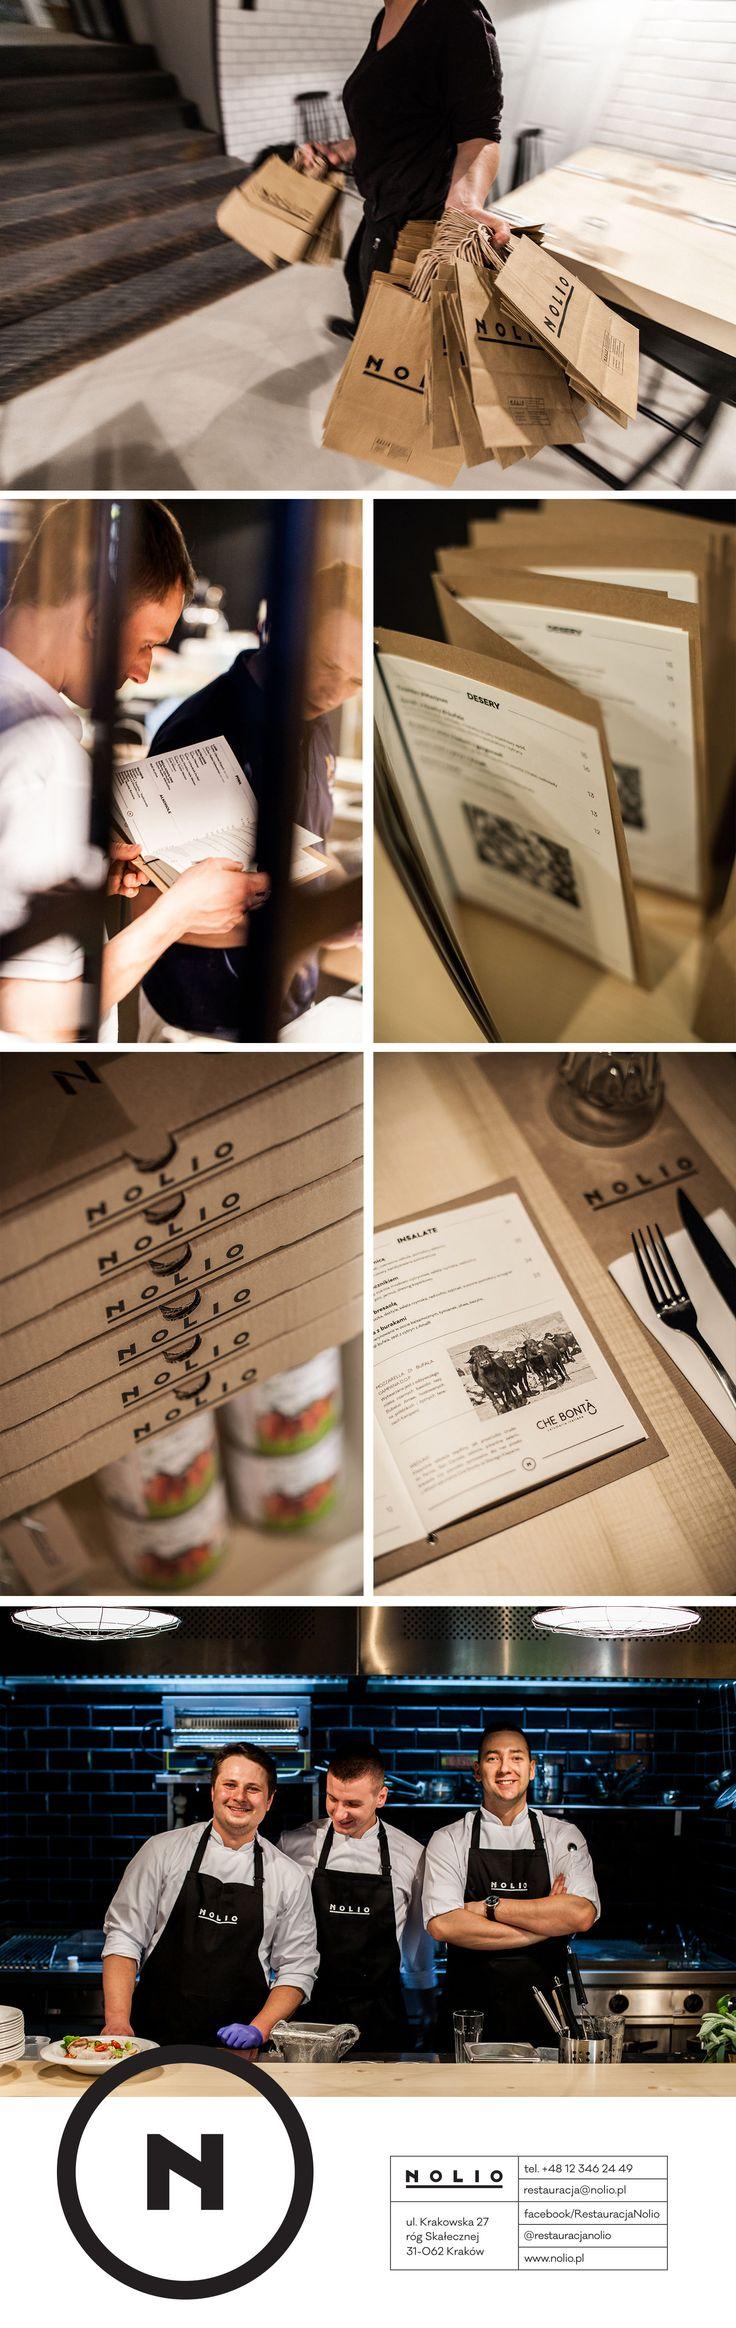 nina gregier identyfikacja wizualna restauracji nolio (3)